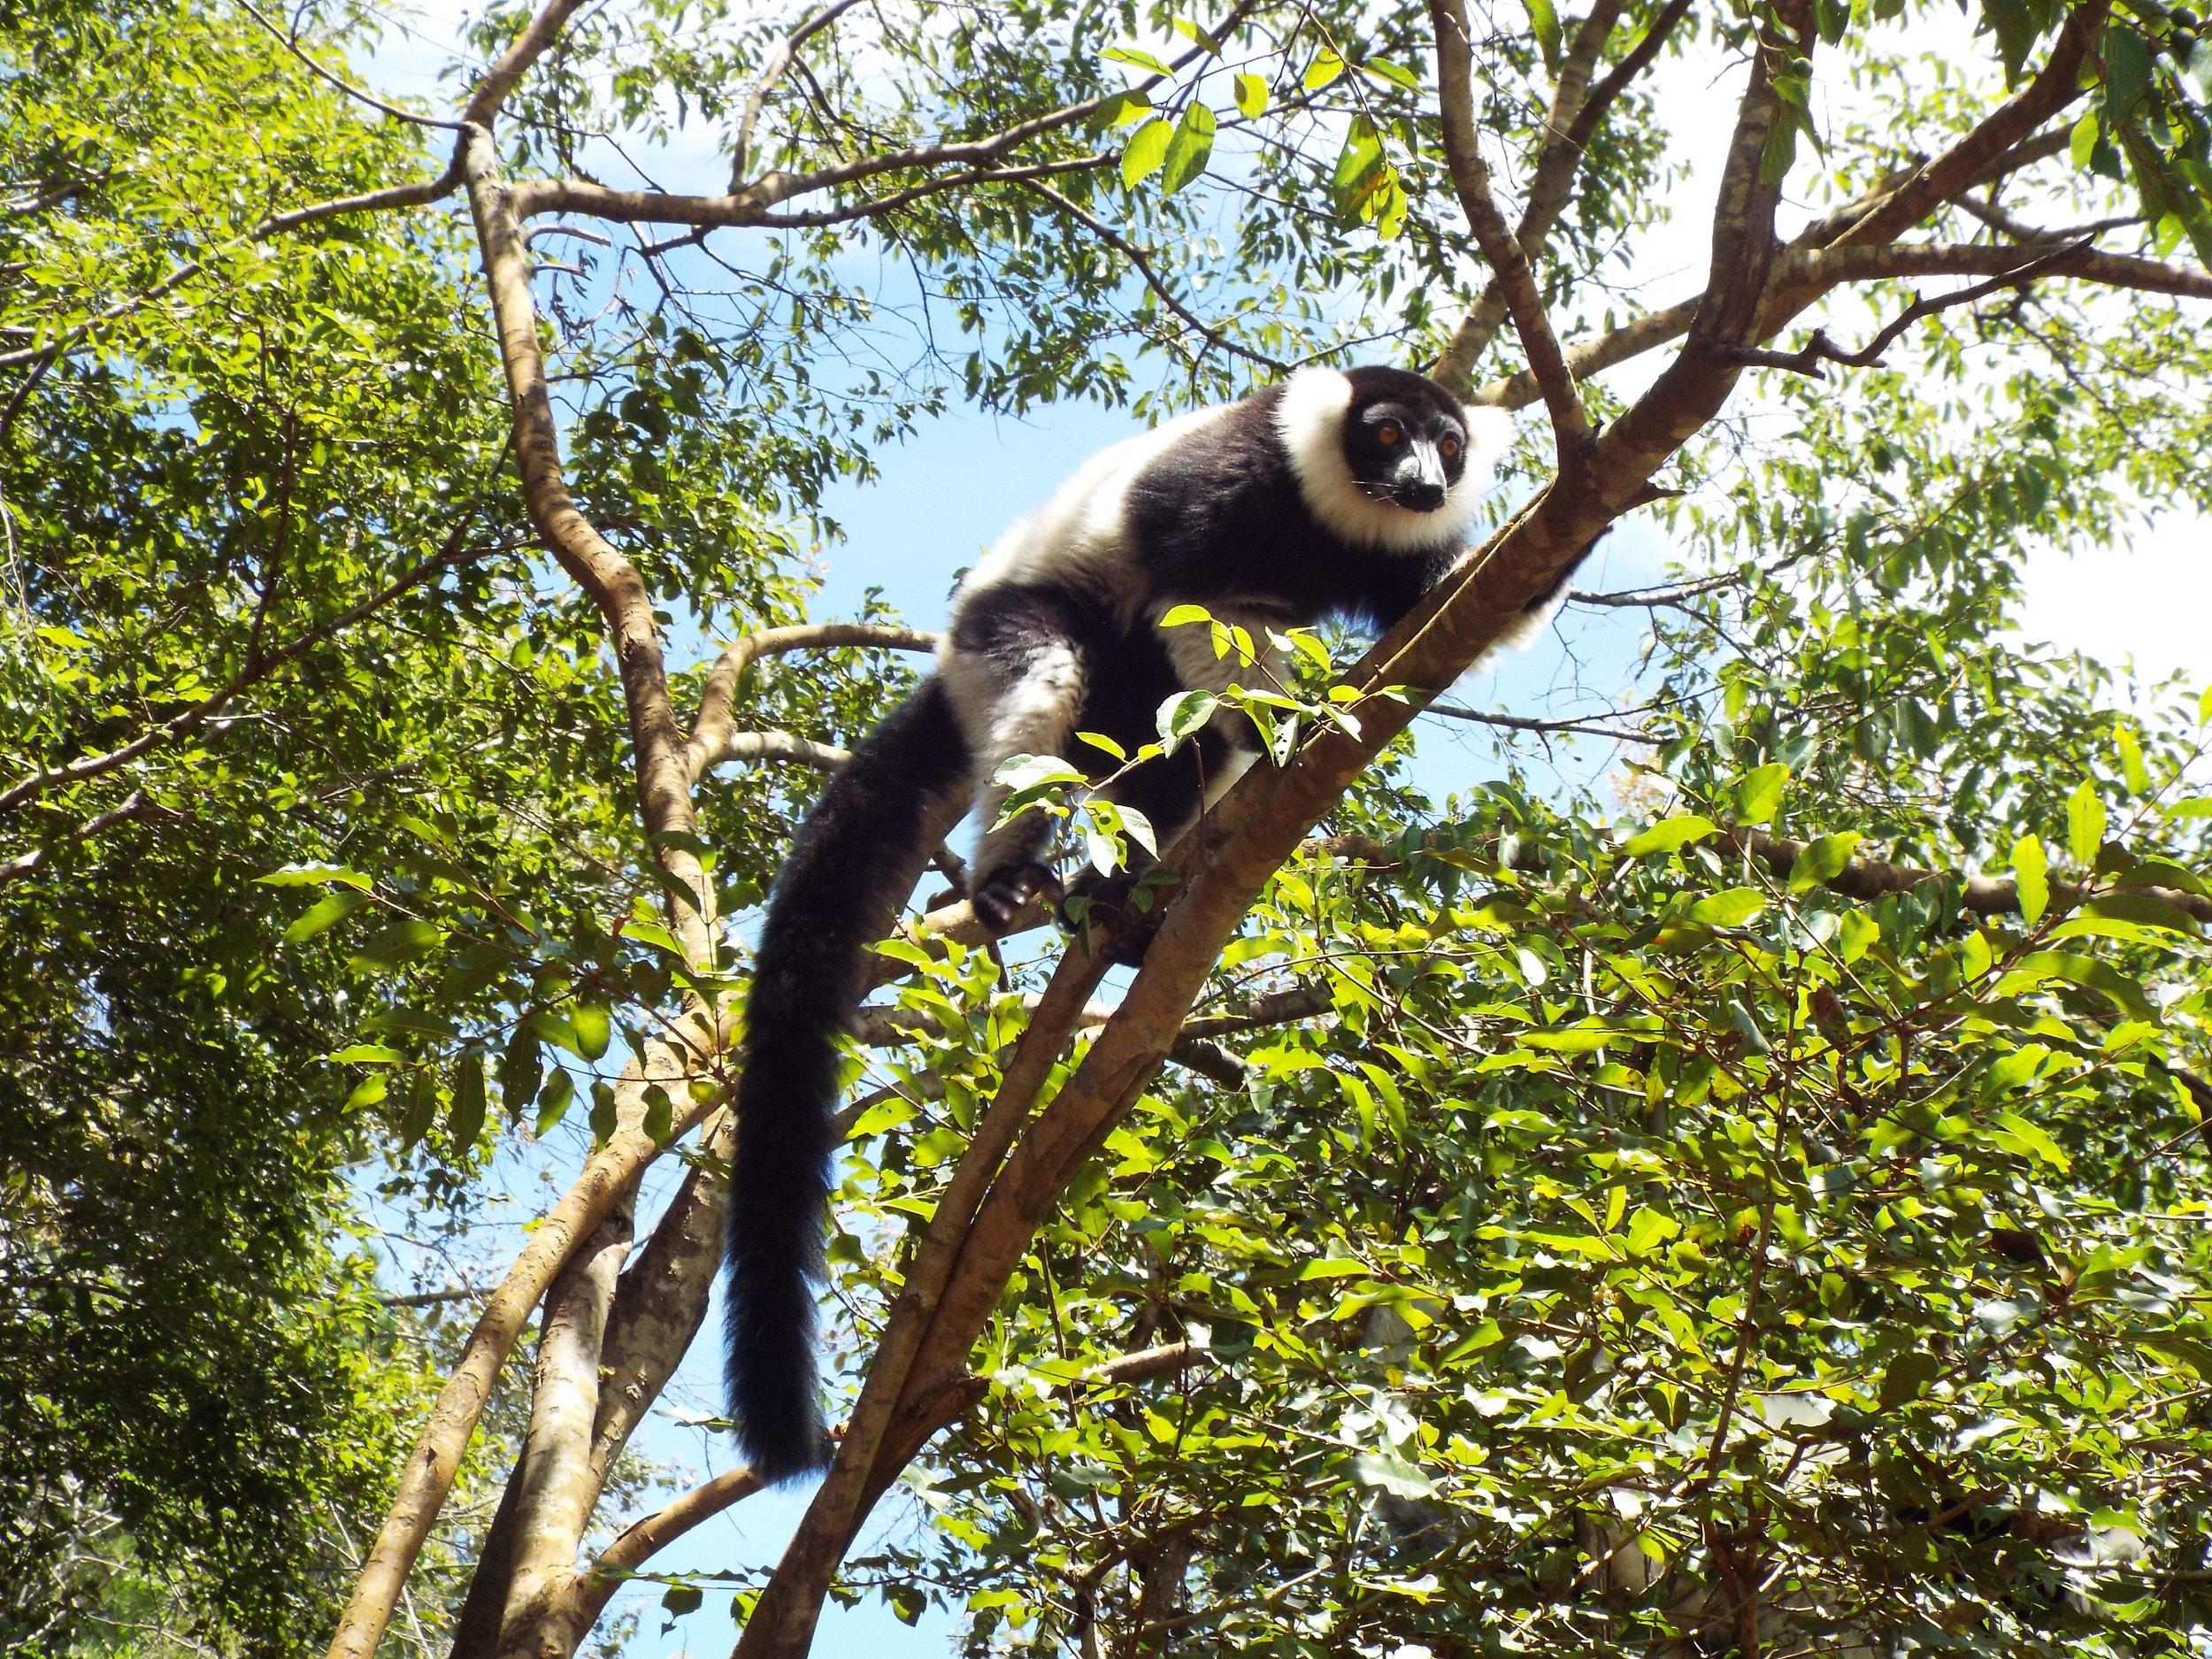 Black-and-white ruffled lemur